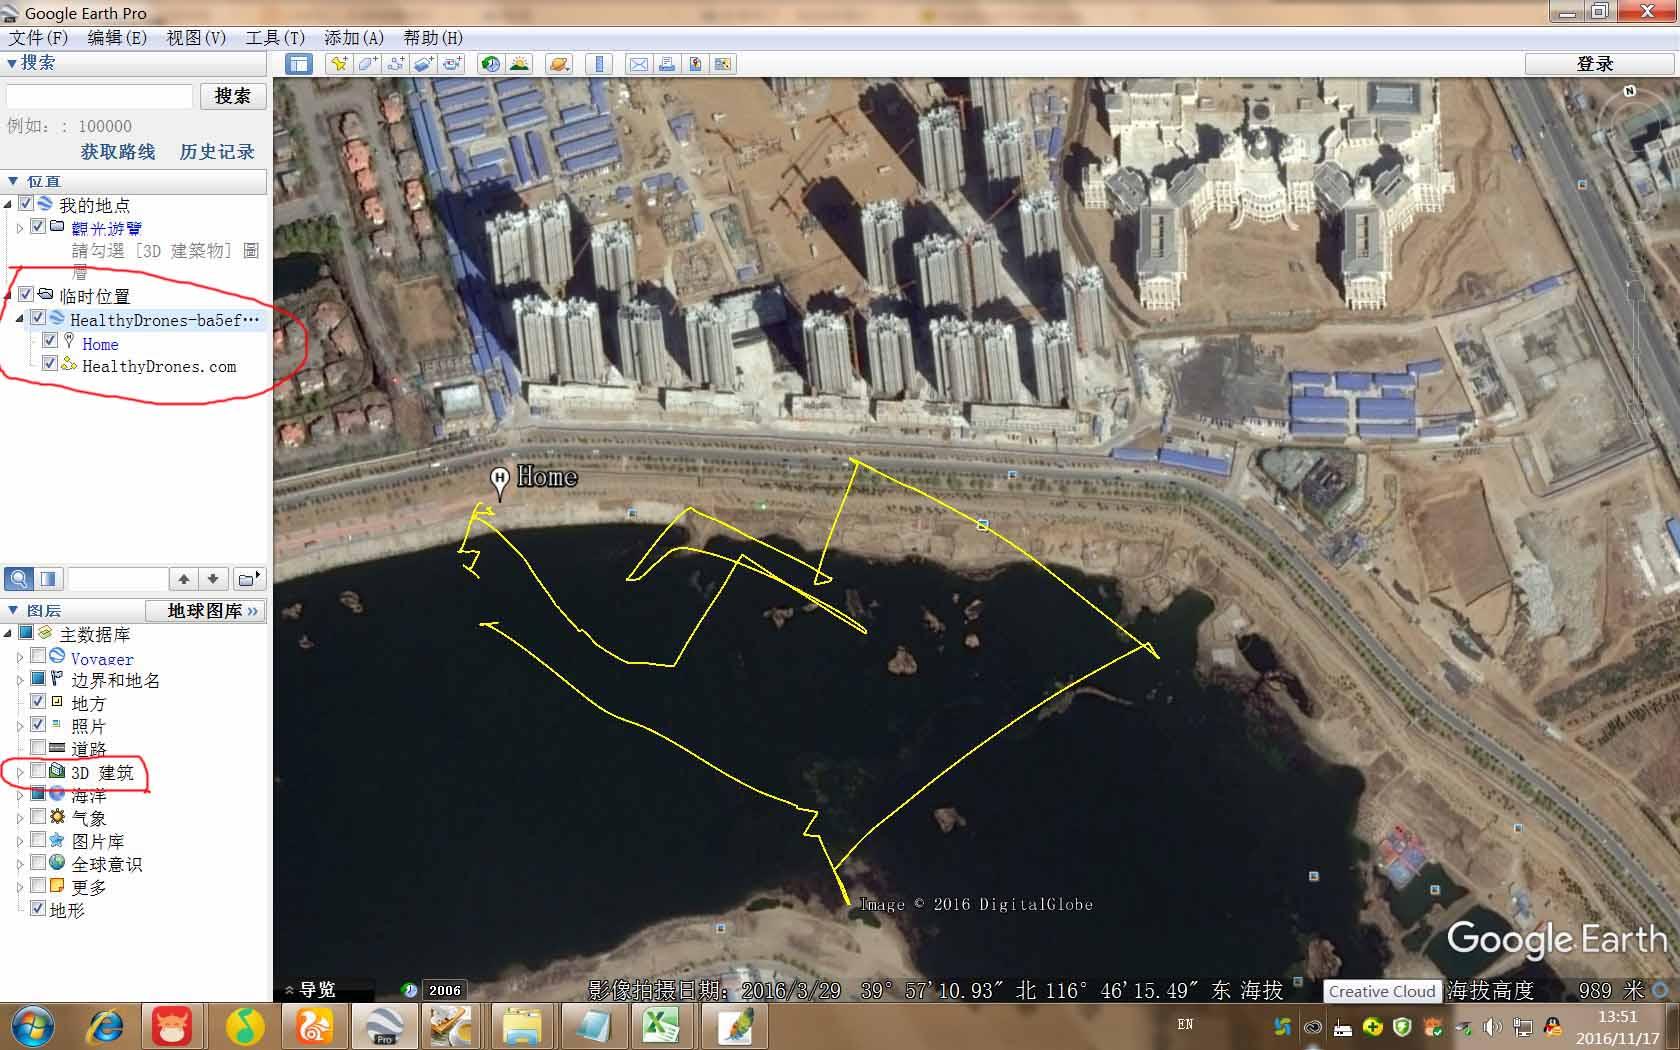 飞行记录详细数据-9.jpg